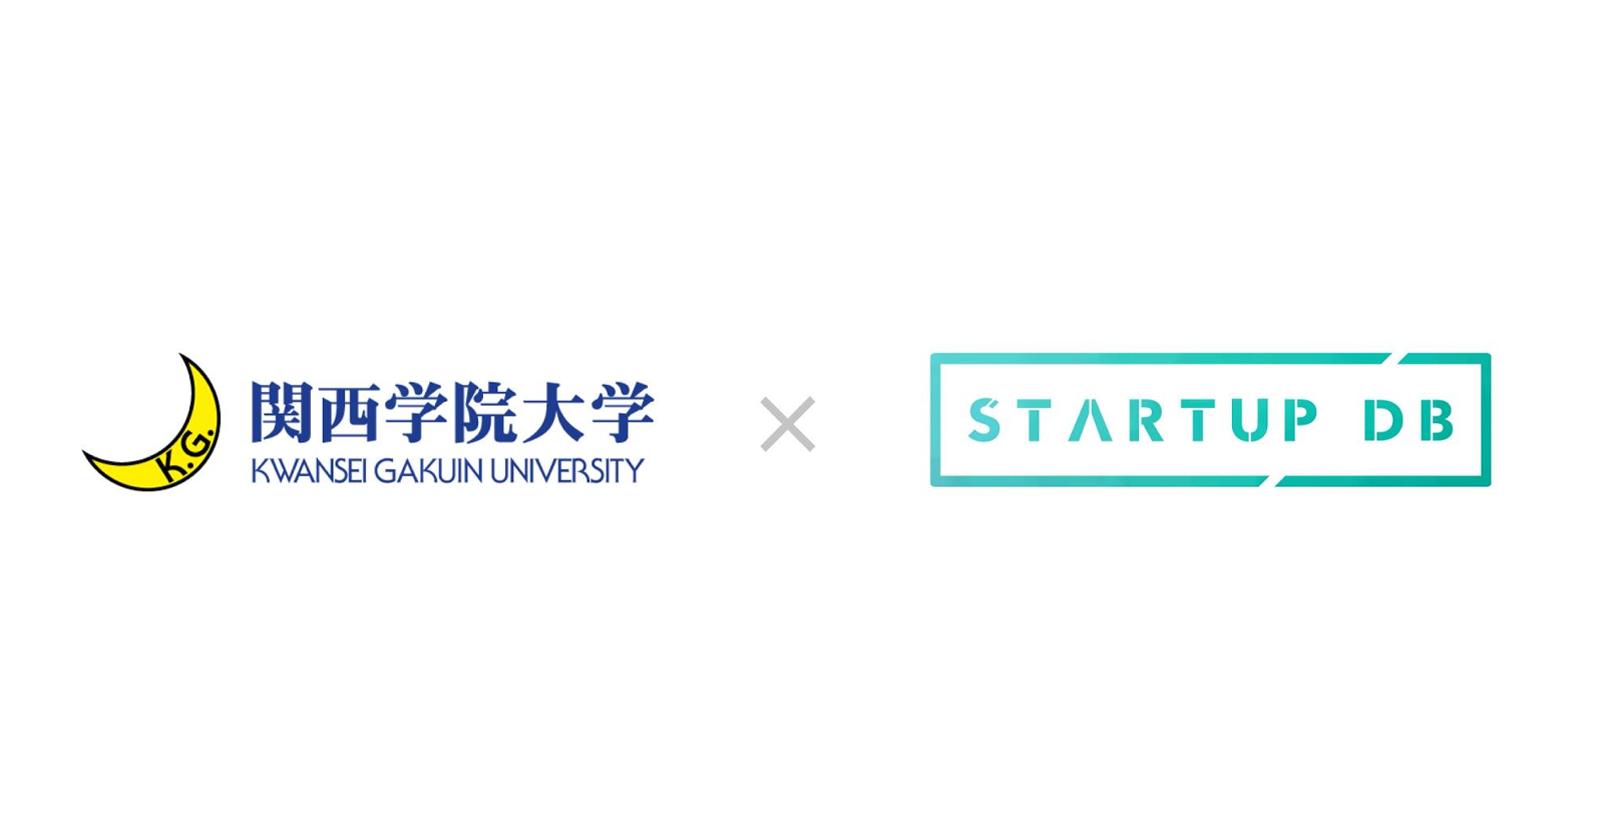 フォースタートアップス、関西学院大学と共同研究開始 「日本のスタートアップ企業の資金調達と成長に関する経済分析」にSTARTUP DBを活用